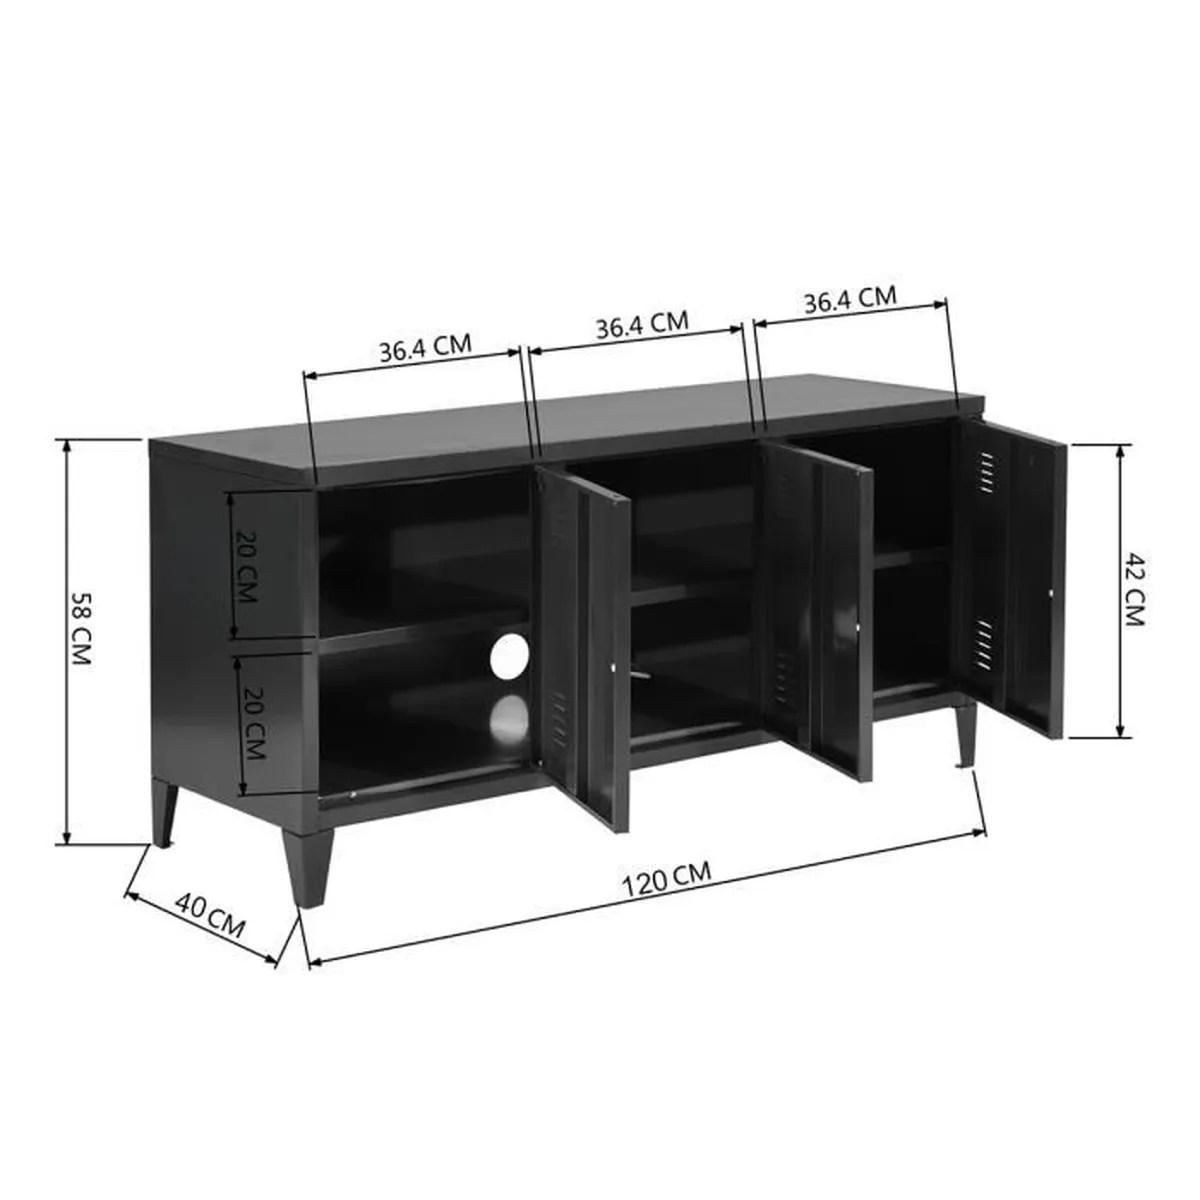 meuble tv caisson metal casier 3 portes noir armoire vestiaire metal a casiers meuble de rangement verrouillables etageres noir